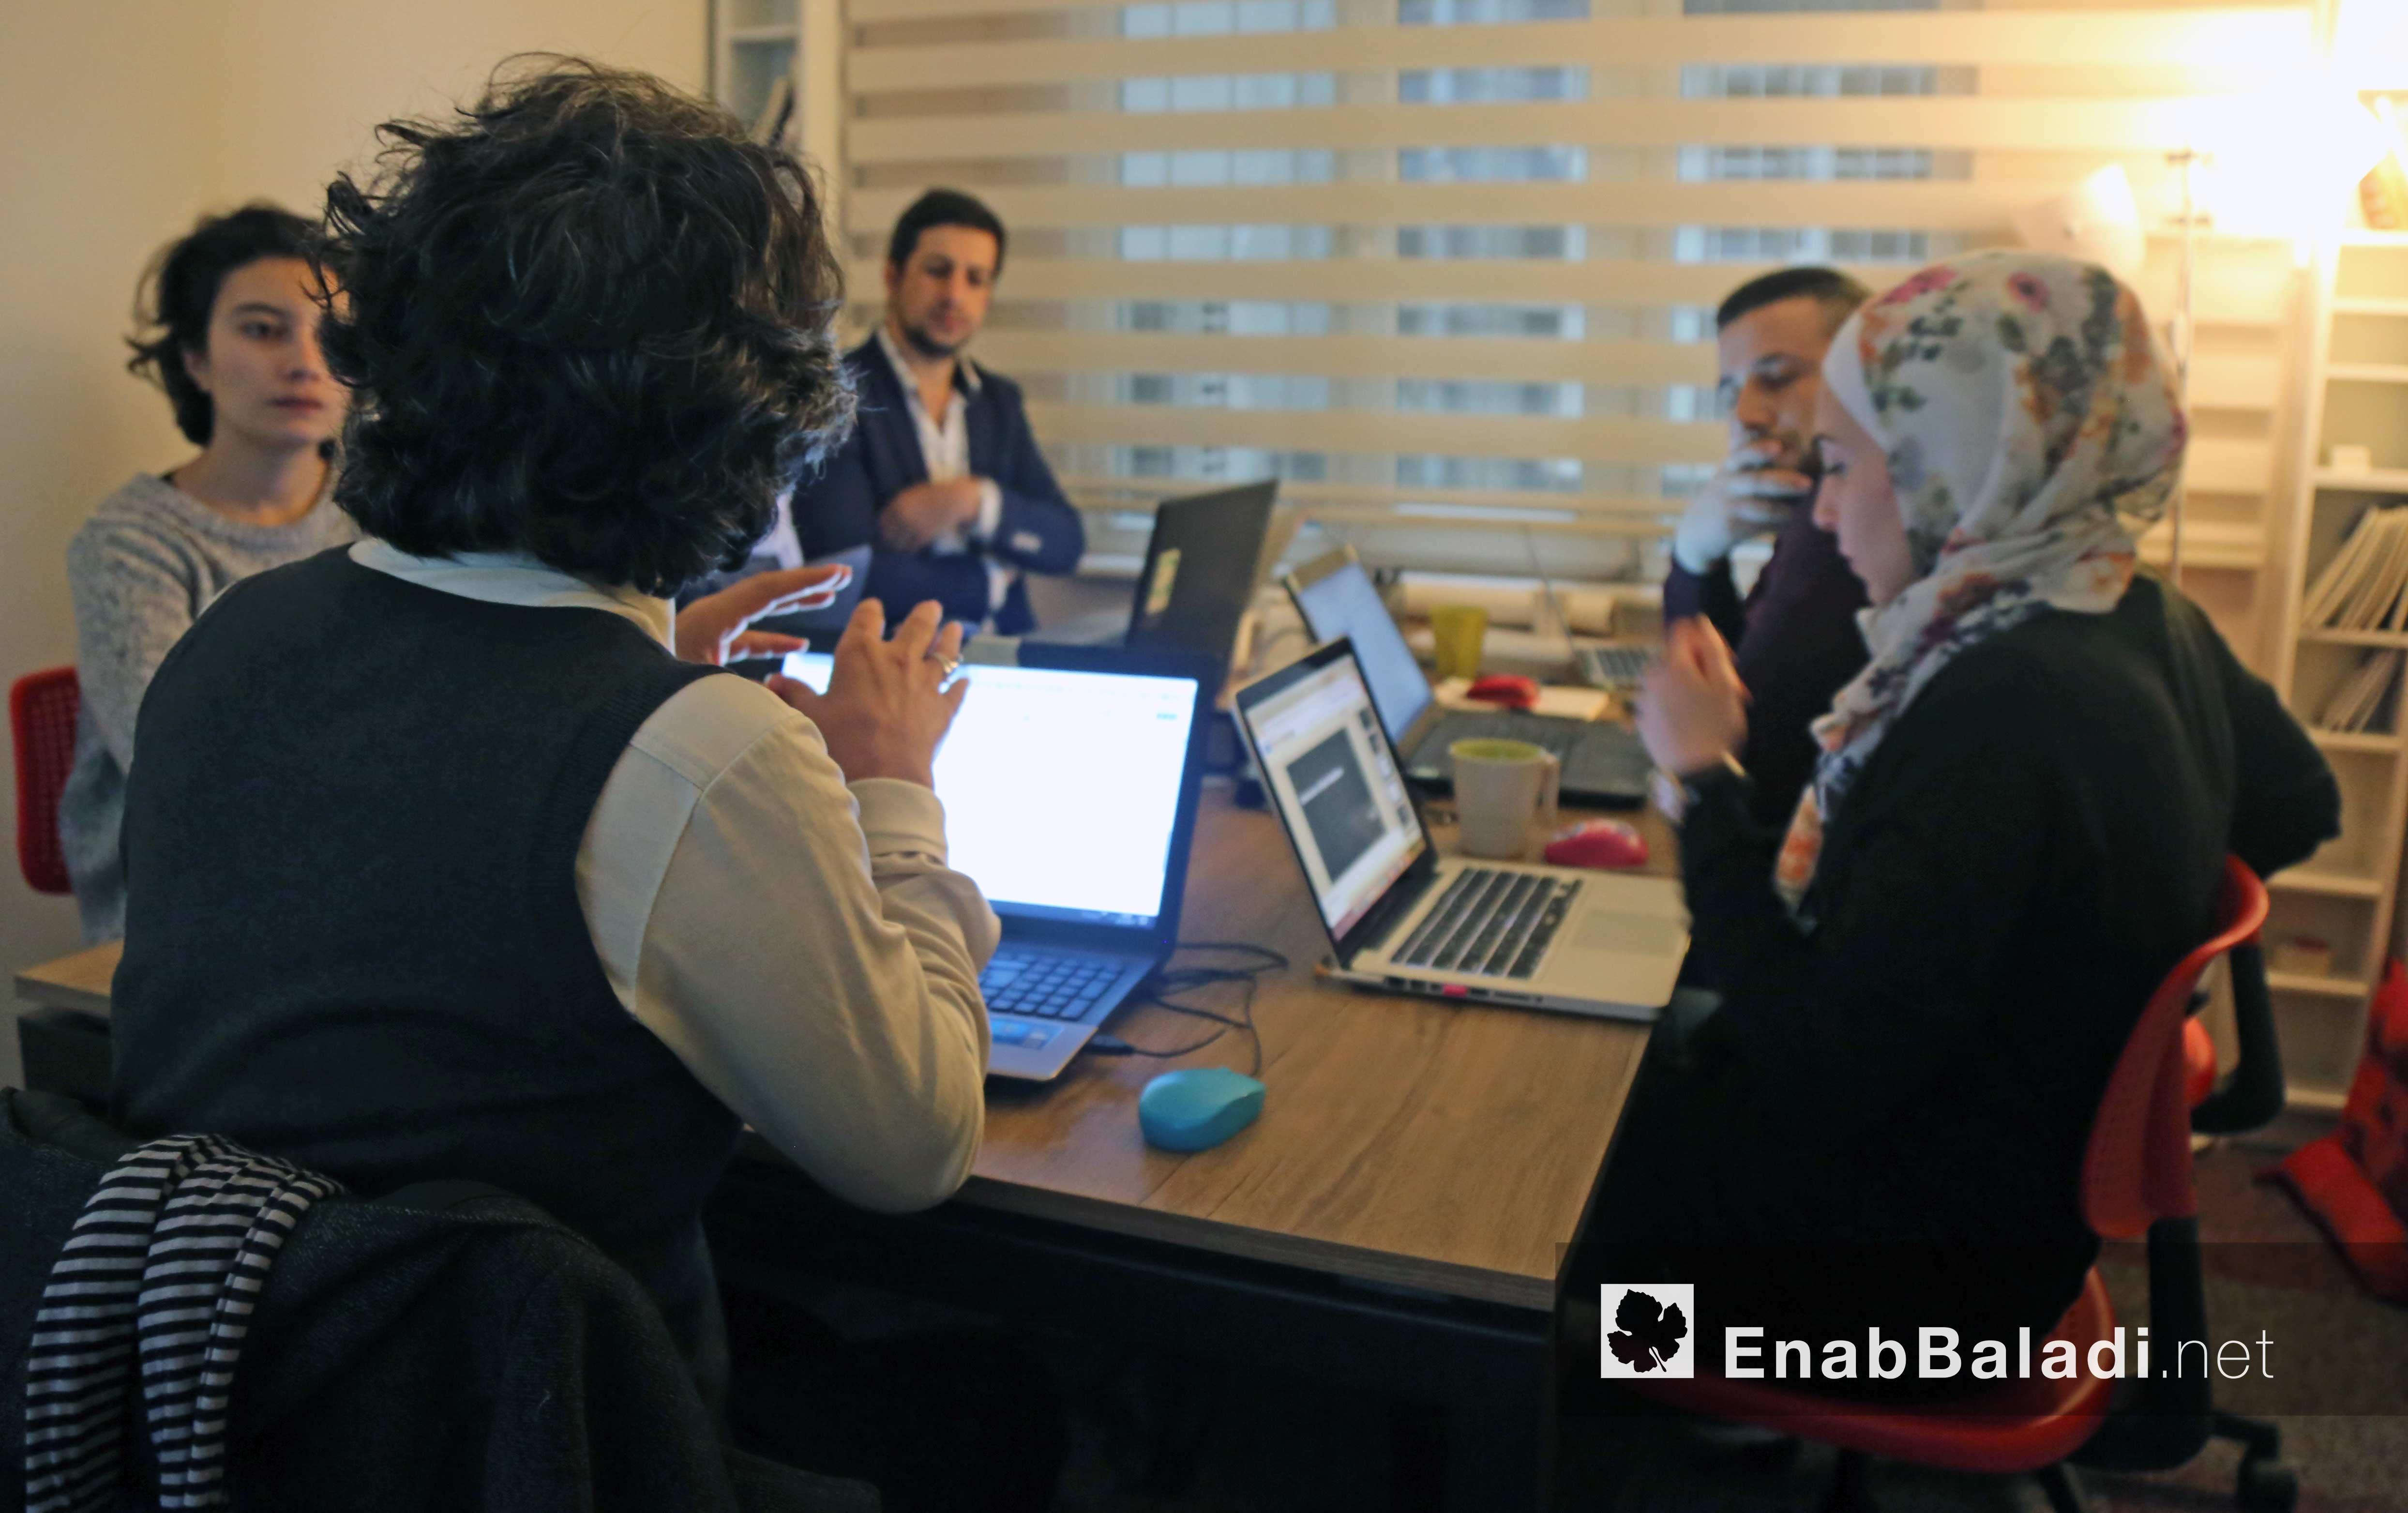 """Training workshope on """"Data Journalism"""" in Enab Baladi org - 6 Dec 2017 (Enab Baladi)"""